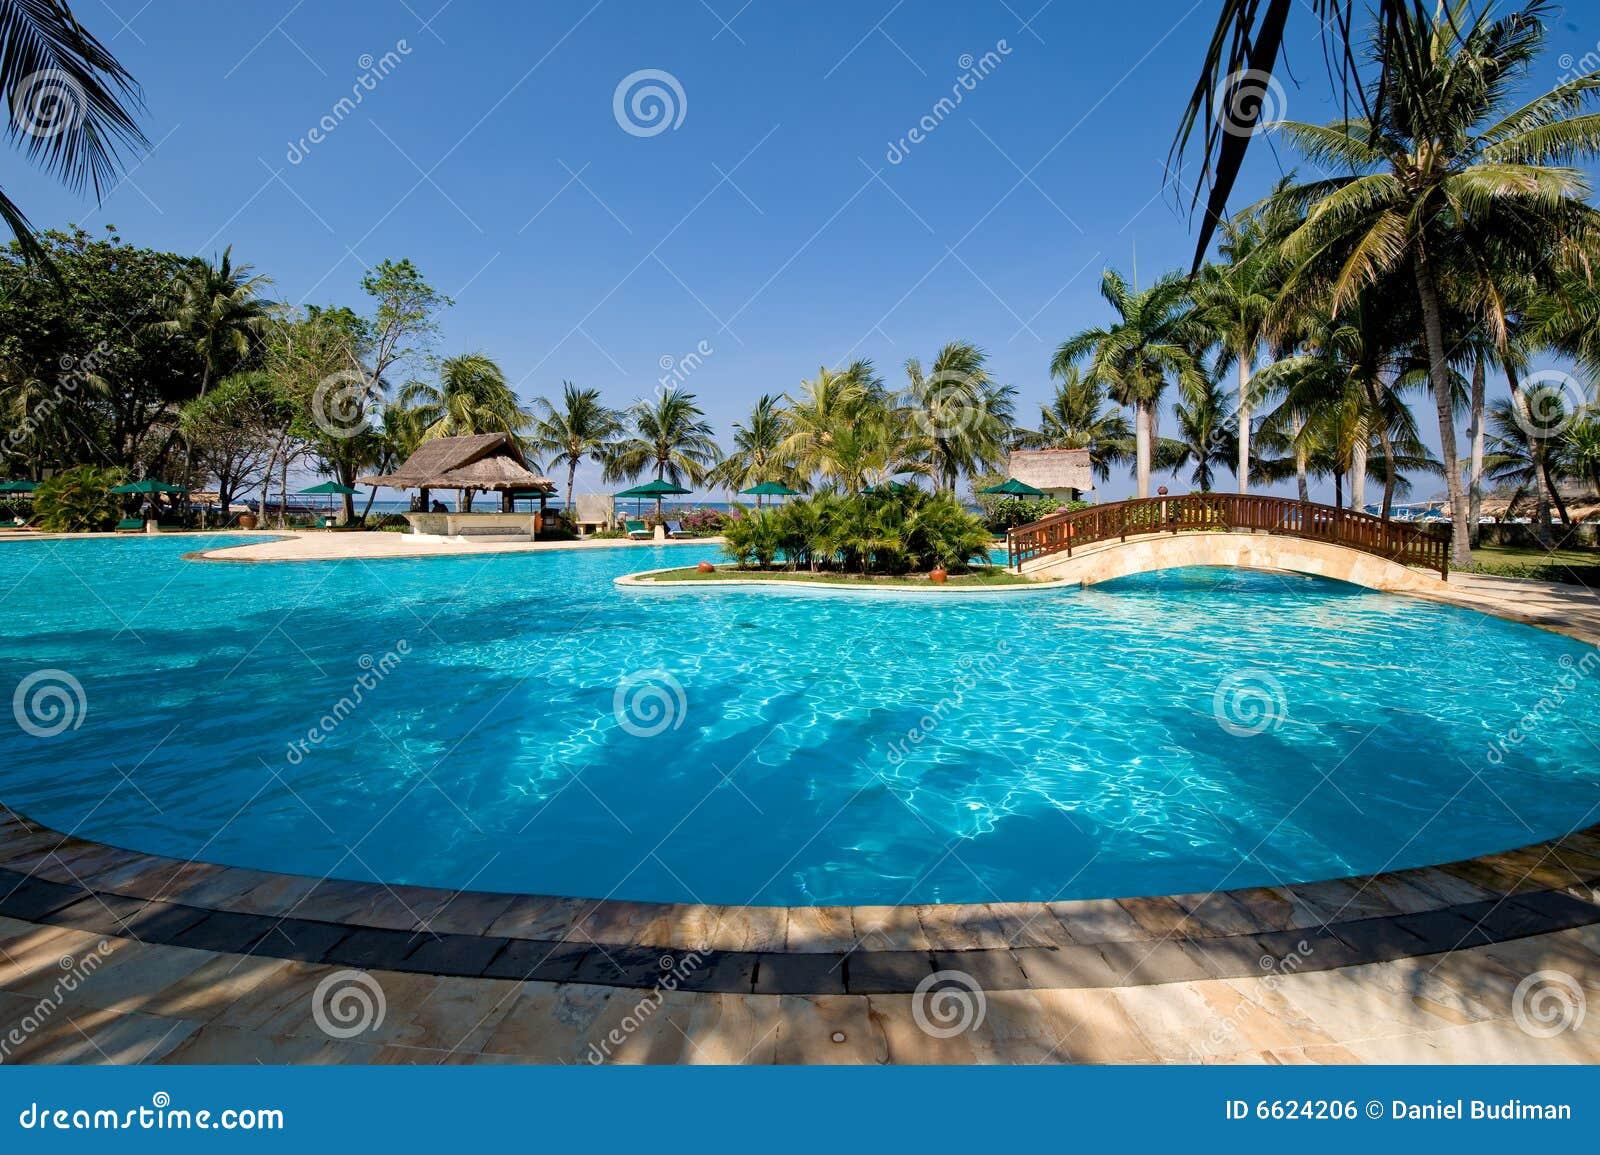 Exotisch zwembad dichtbij het strand royalty vrije stock afbeelding beeld 6624206 - Fotos van het zwembad ...